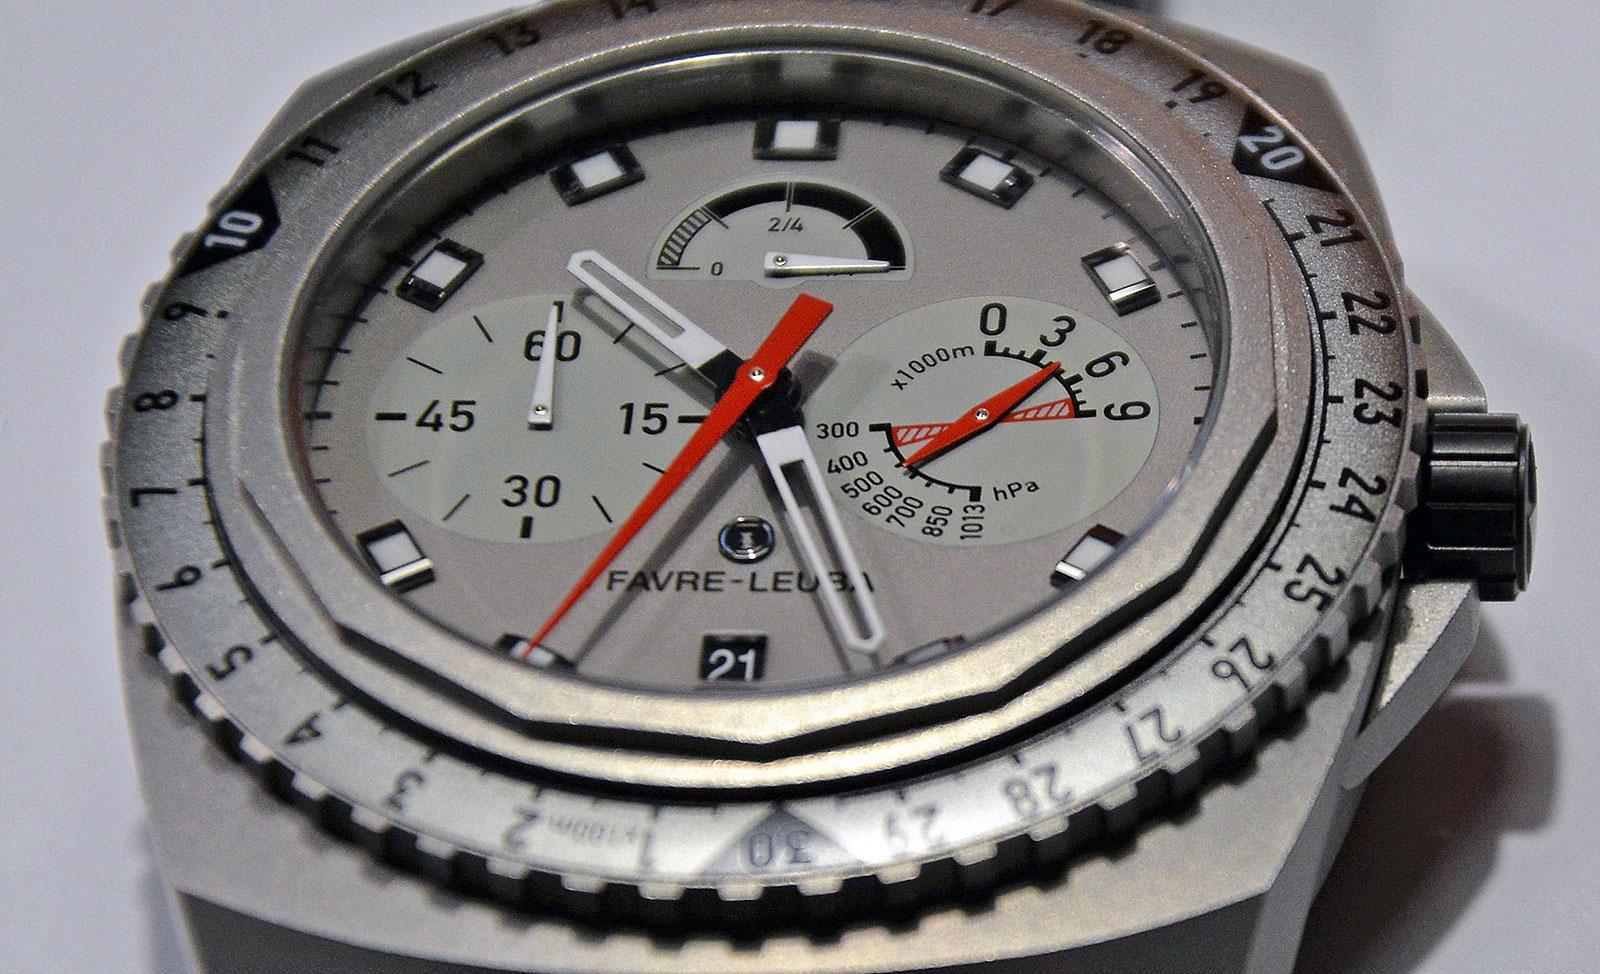 Favre-Leuba Bivouac 9000-5